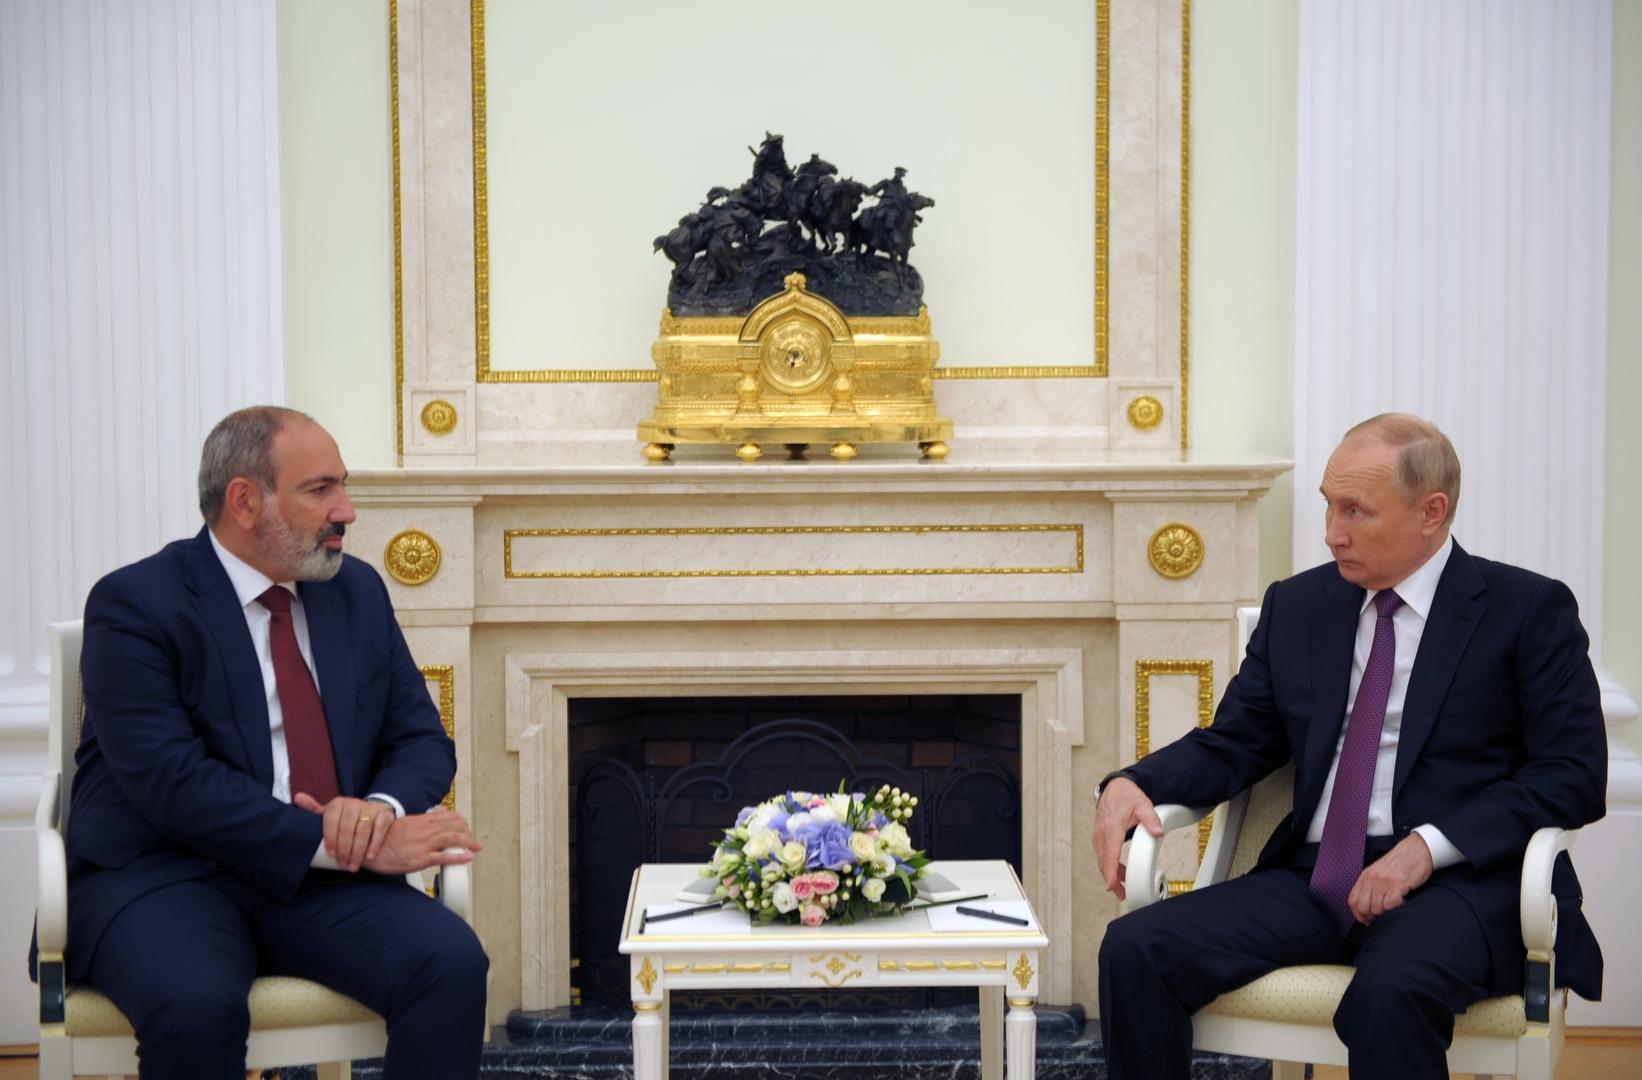 الرئيس الروسي، فلاديمير بوتين، والقائم بأعمال رئيس وزراء أرمينيا، نيكول باشينيان.